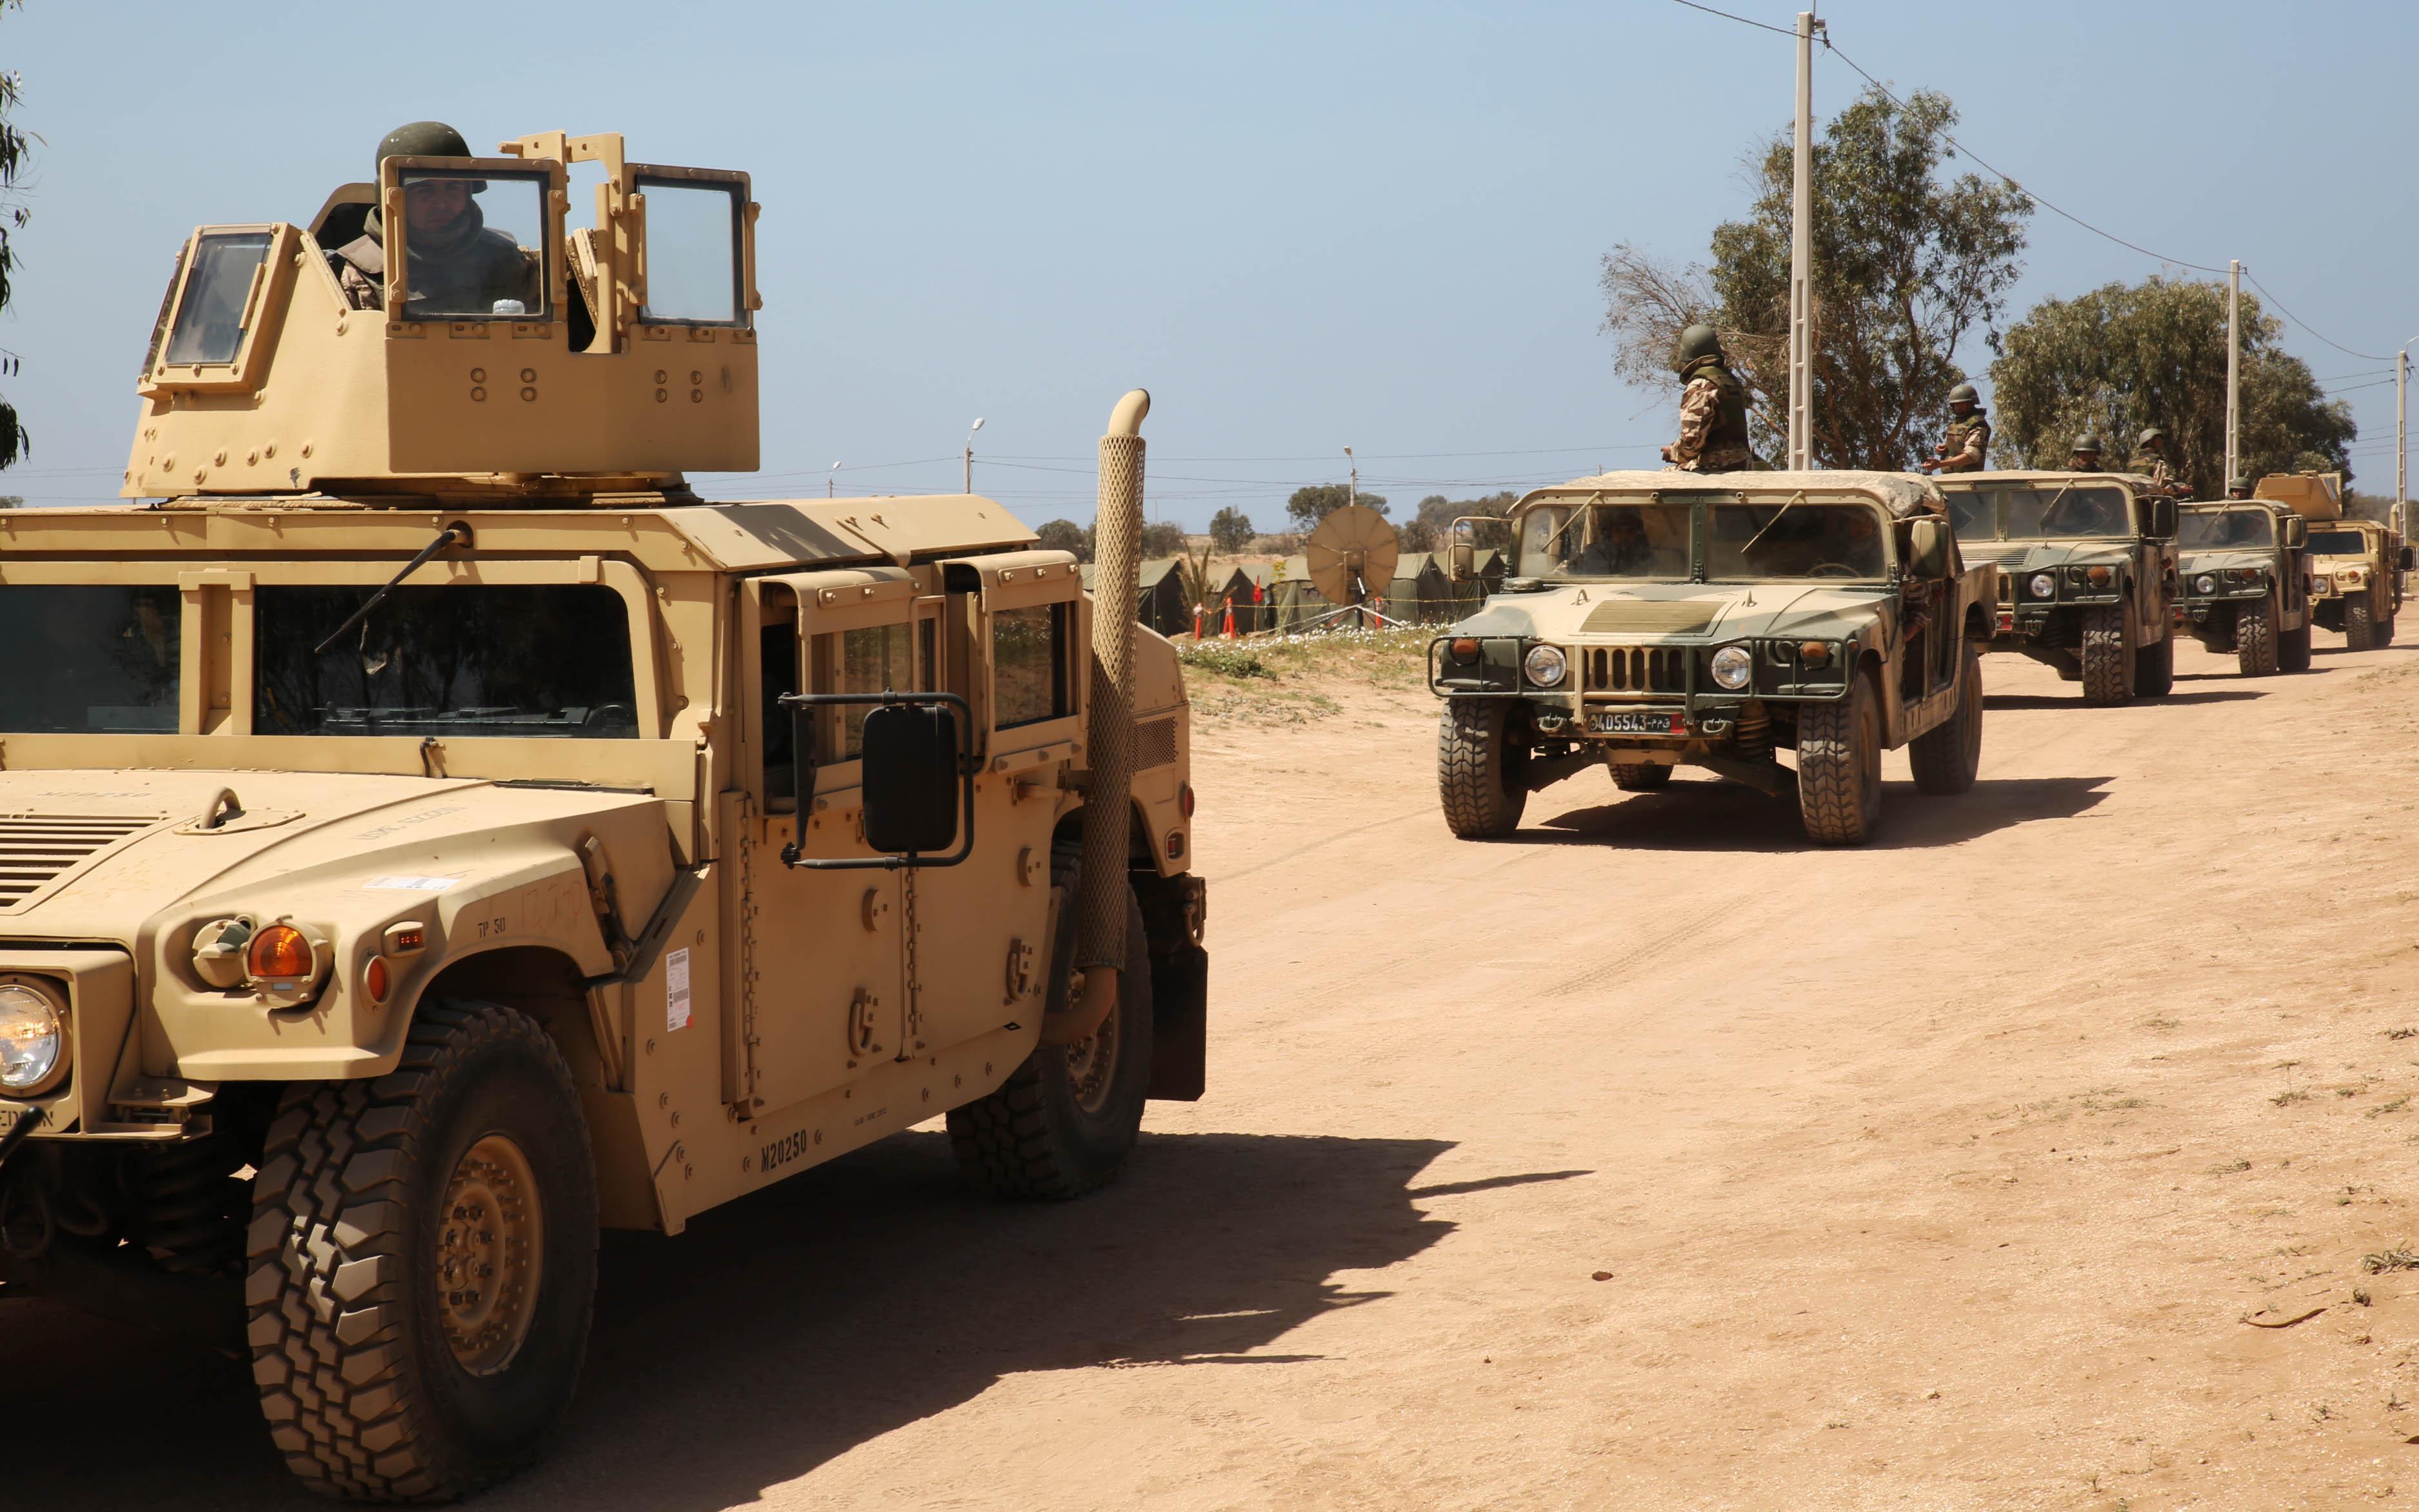 القوات المسلحة الملكية تنقل عتاد عسكري ضخم إلى القاعدة العسكرية بطانطان